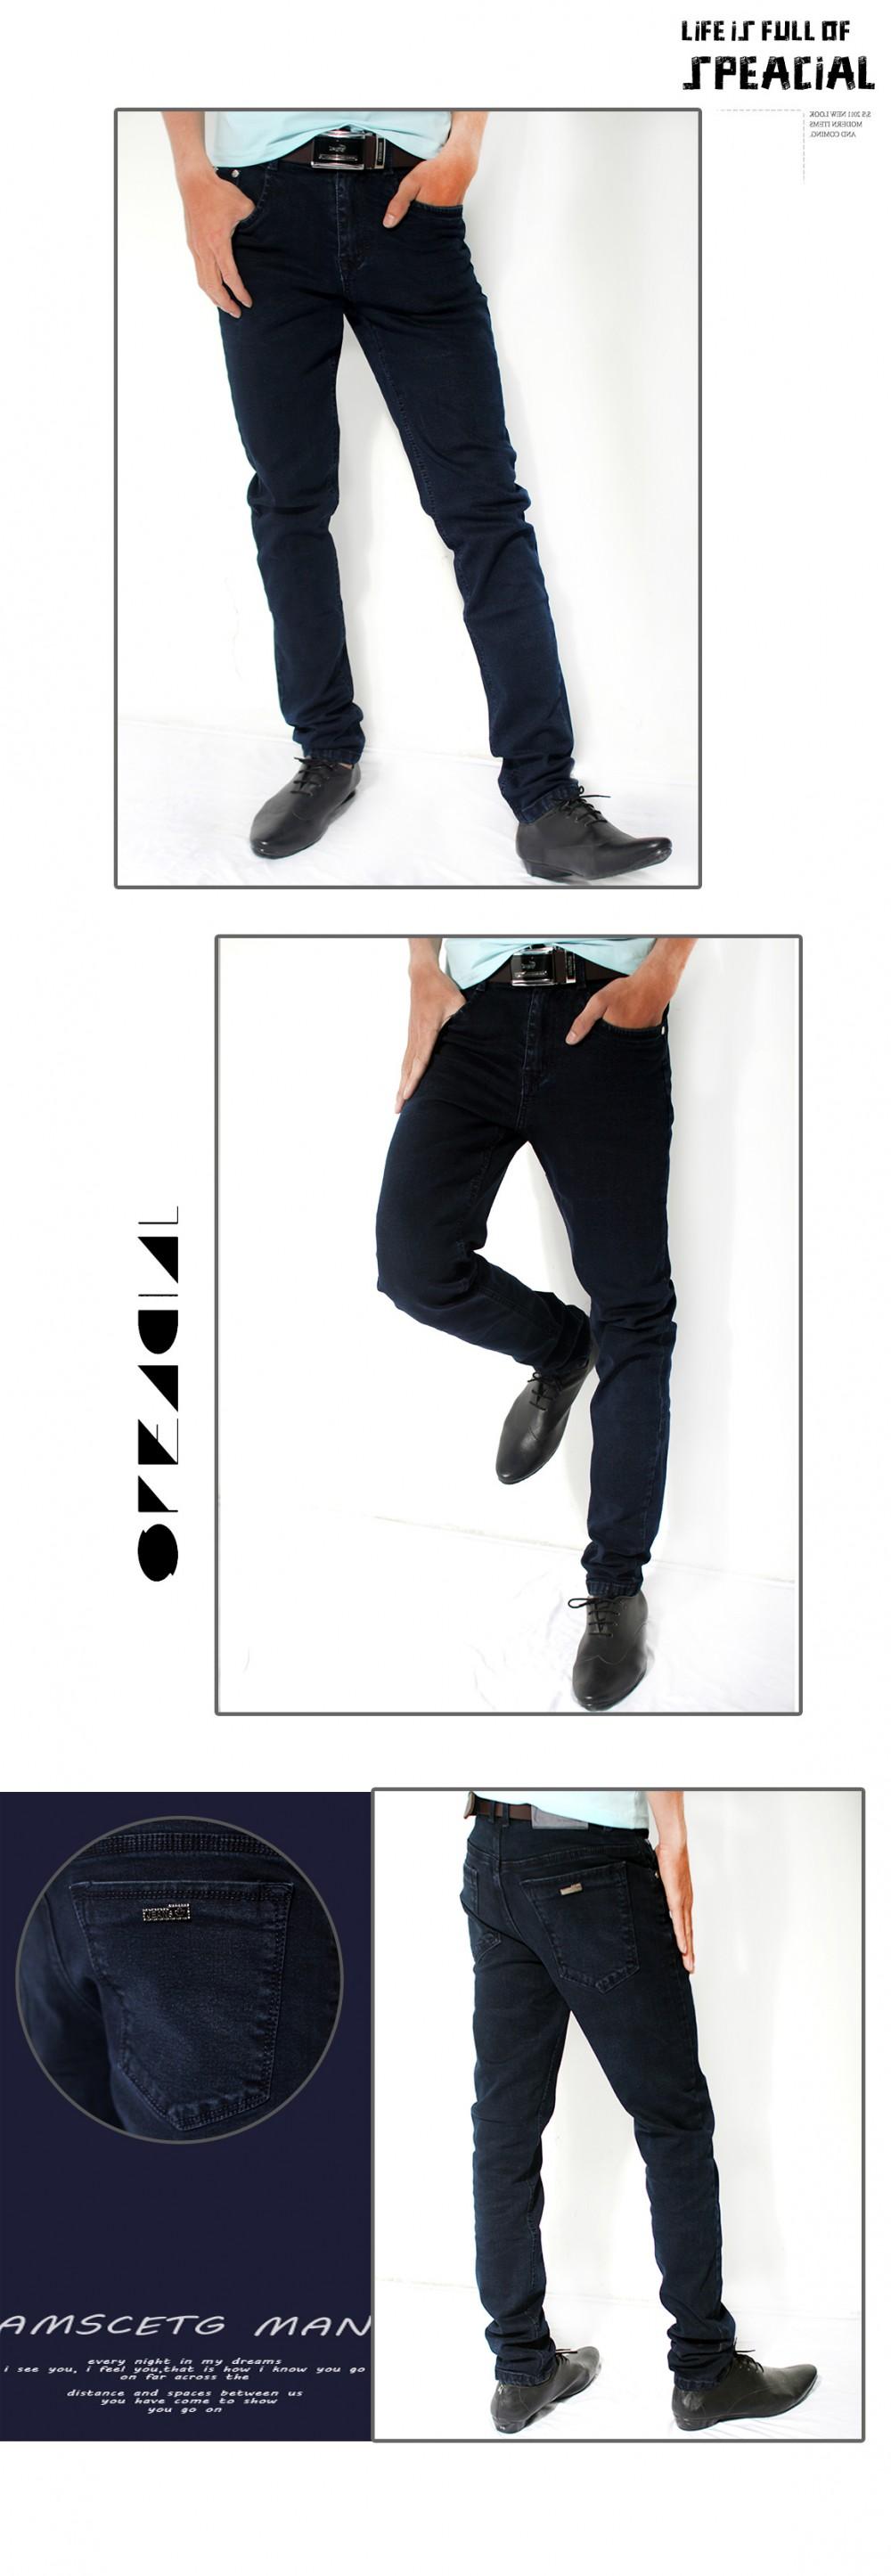 Quần jean xanh đen qj1197 - 1